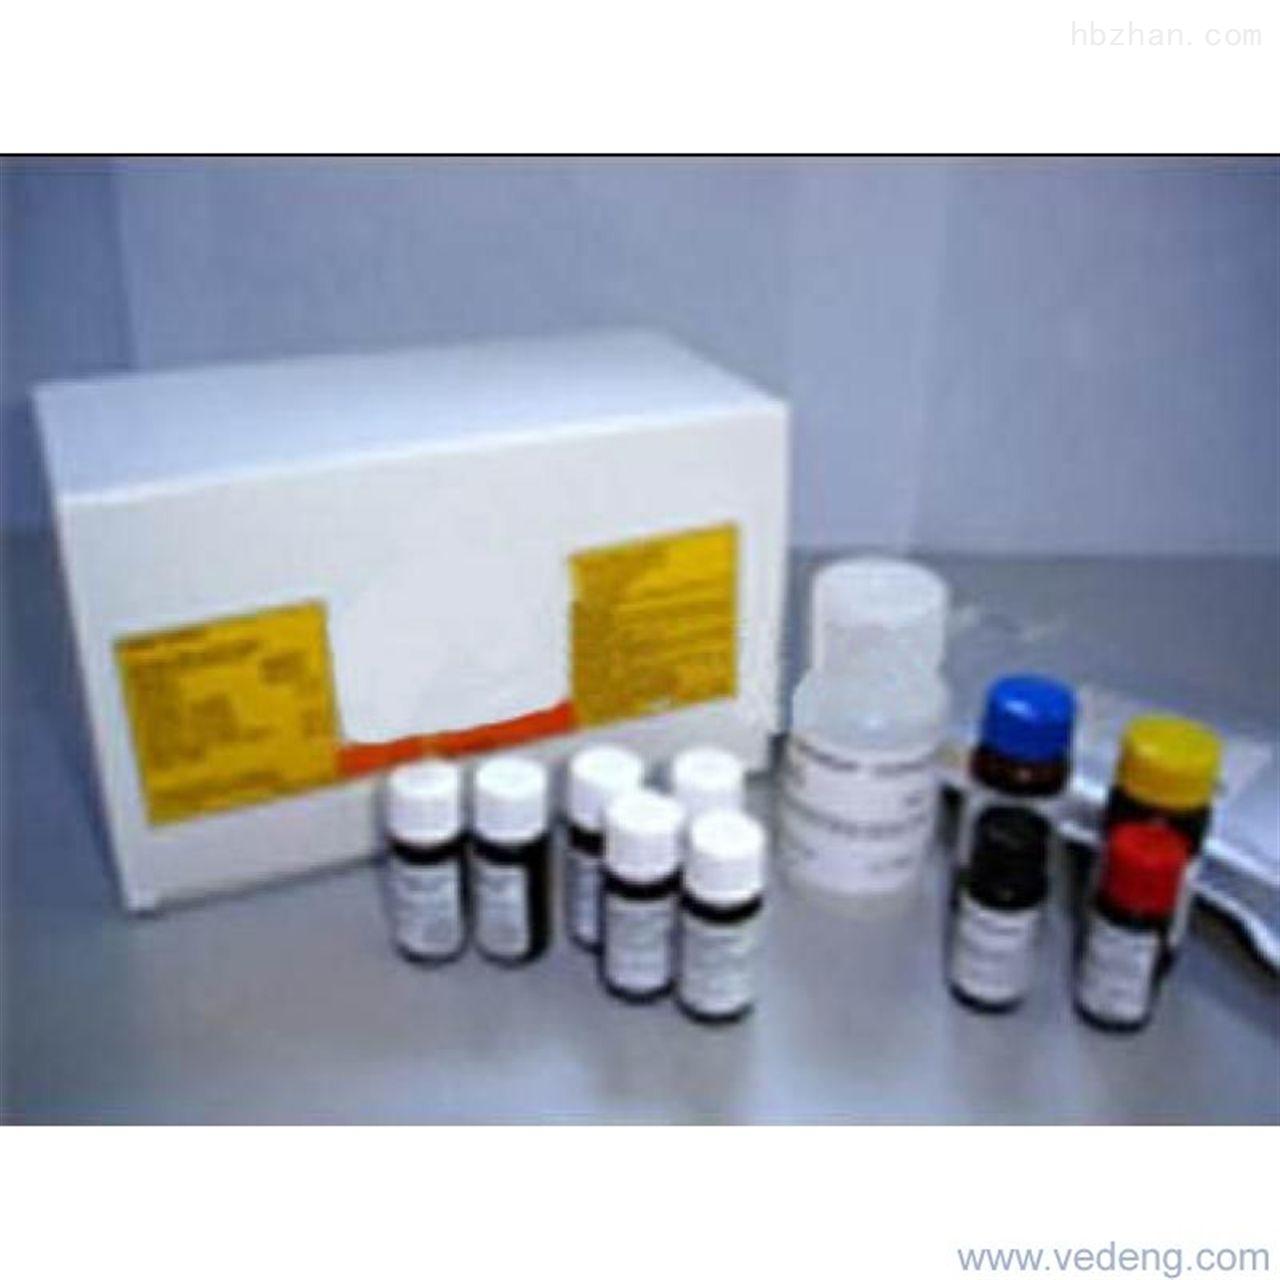 狗MCP-1(MCP-1)酶联免疫检测试剂盒